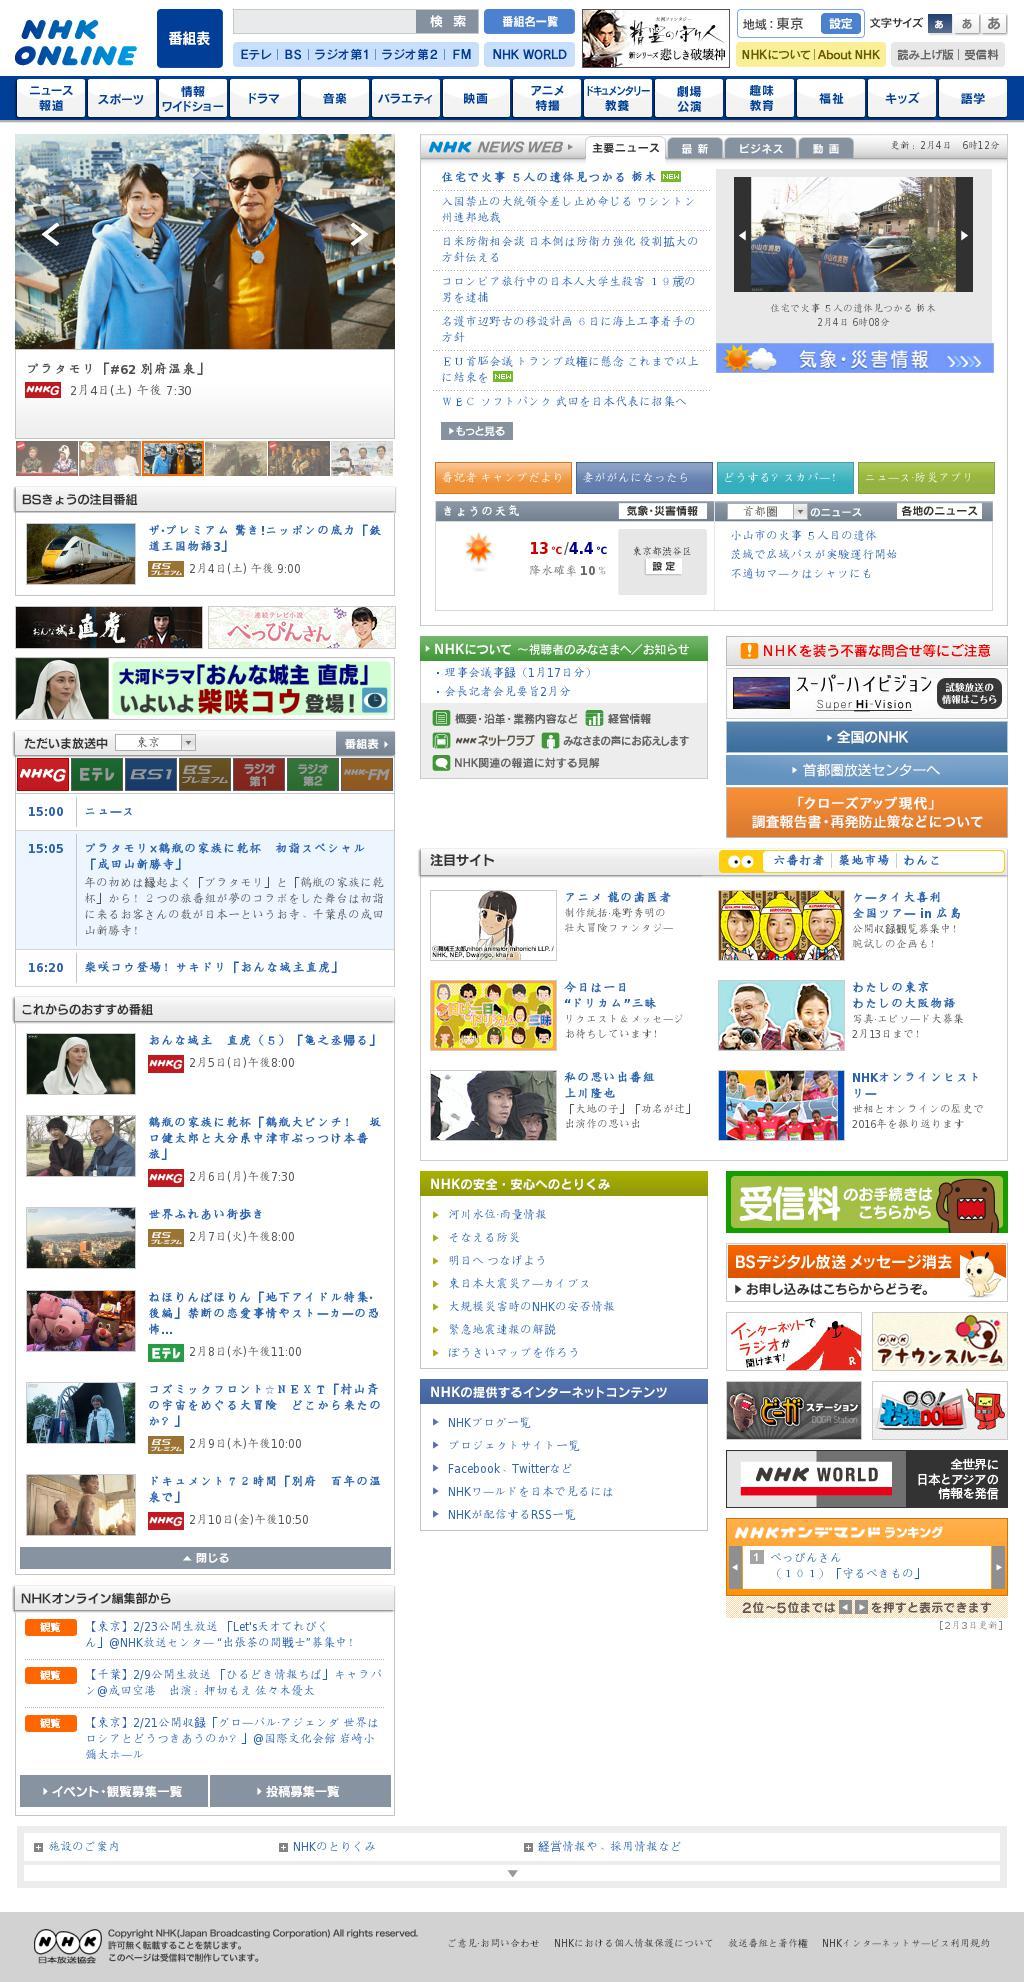 NHK Online at Saturday Feb. 4, 2017, 6:13 a.m. UTC